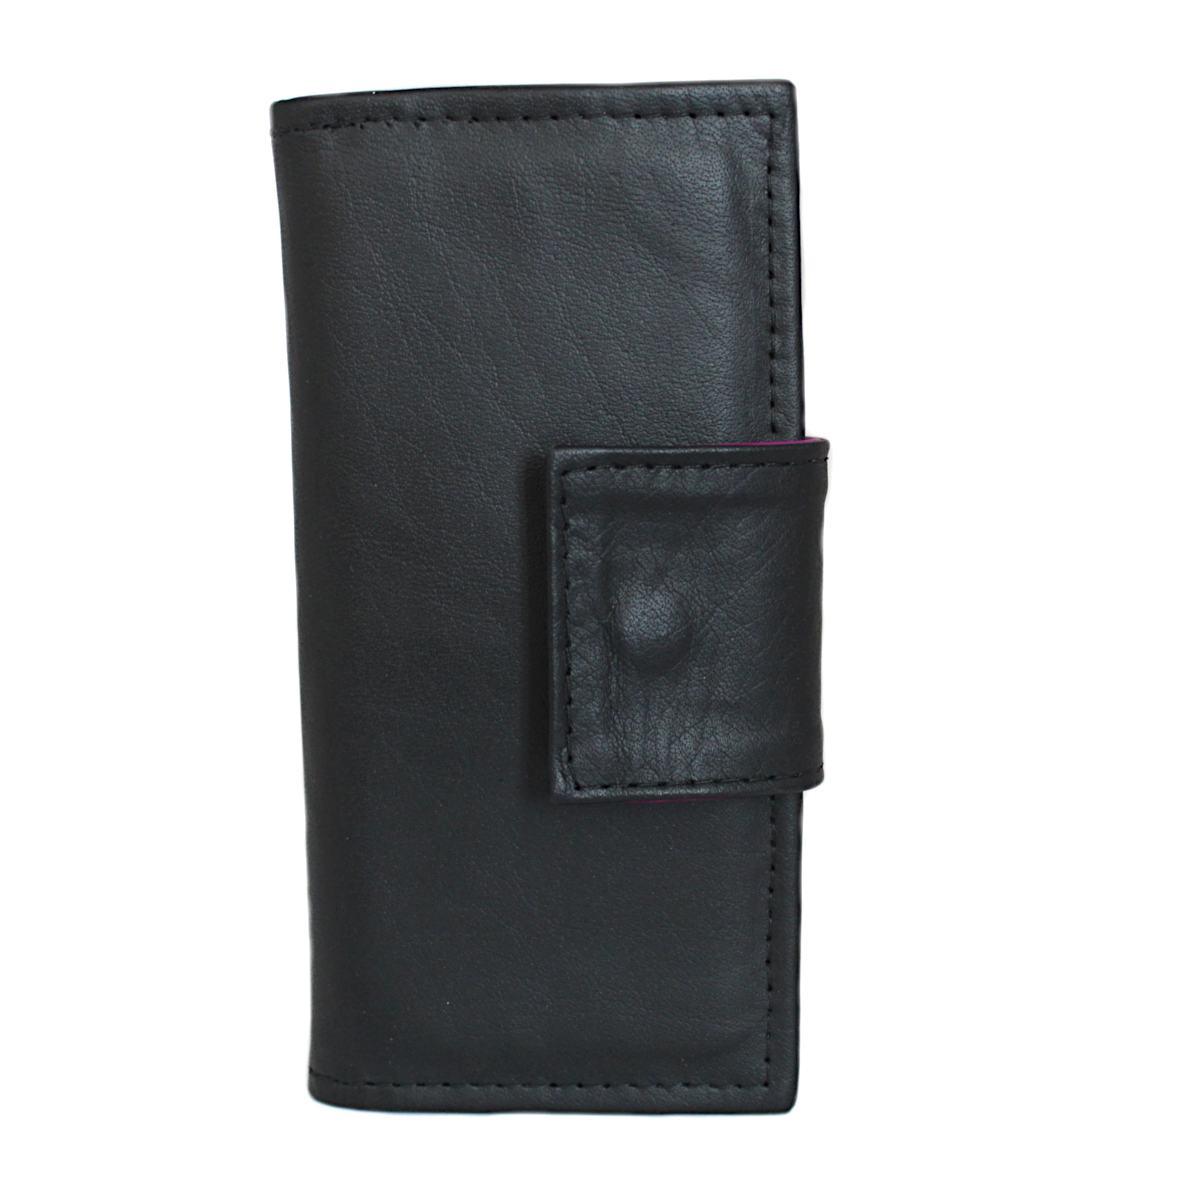 ръчно изработено черно дамско портмоне право